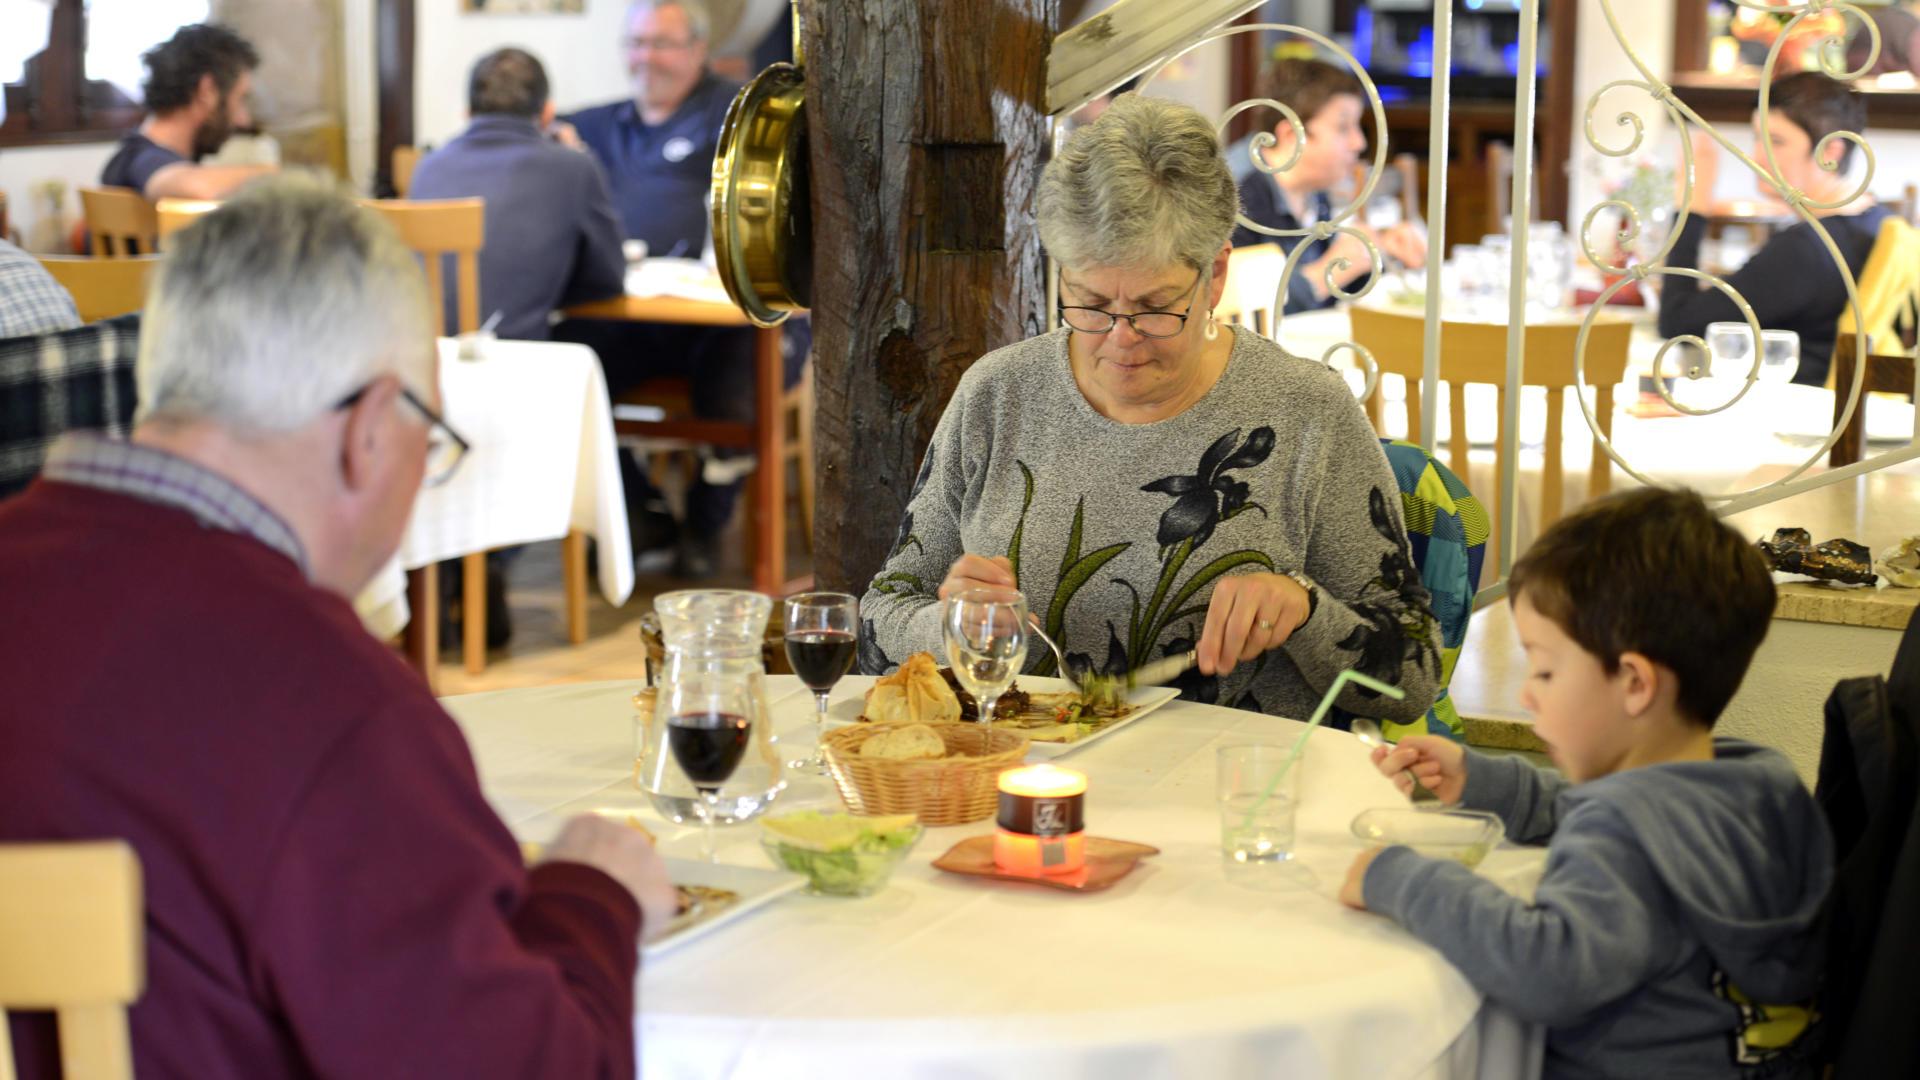 manger-en-famille-au-restaurant.jpg